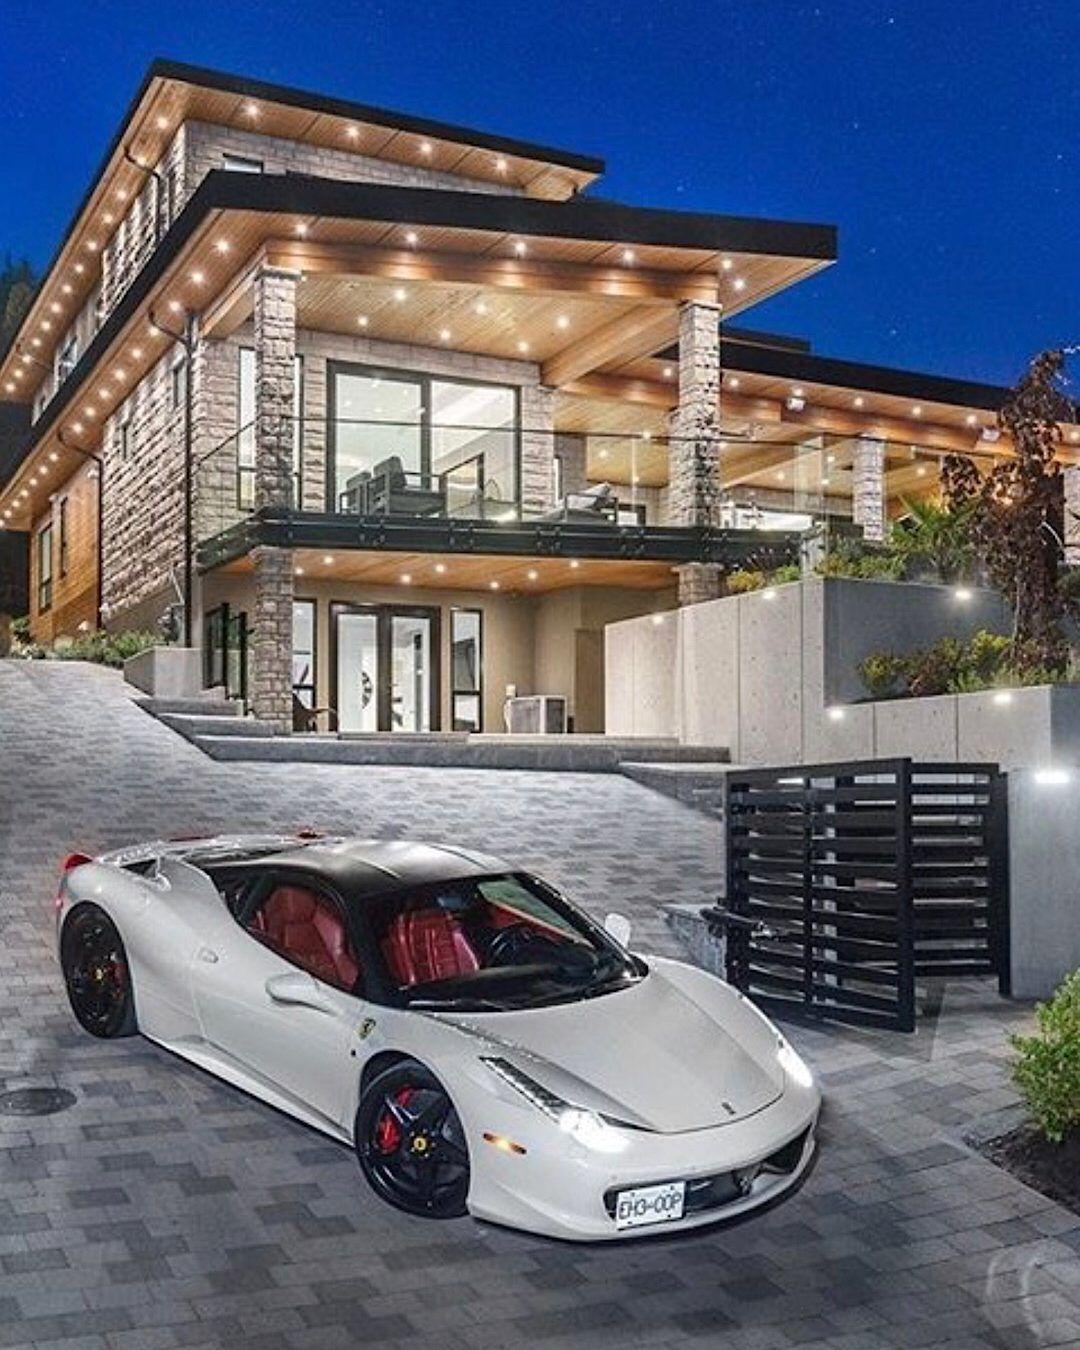 Bluehost Com Luxury Homes Dream Houses House Design Dream House Exterior